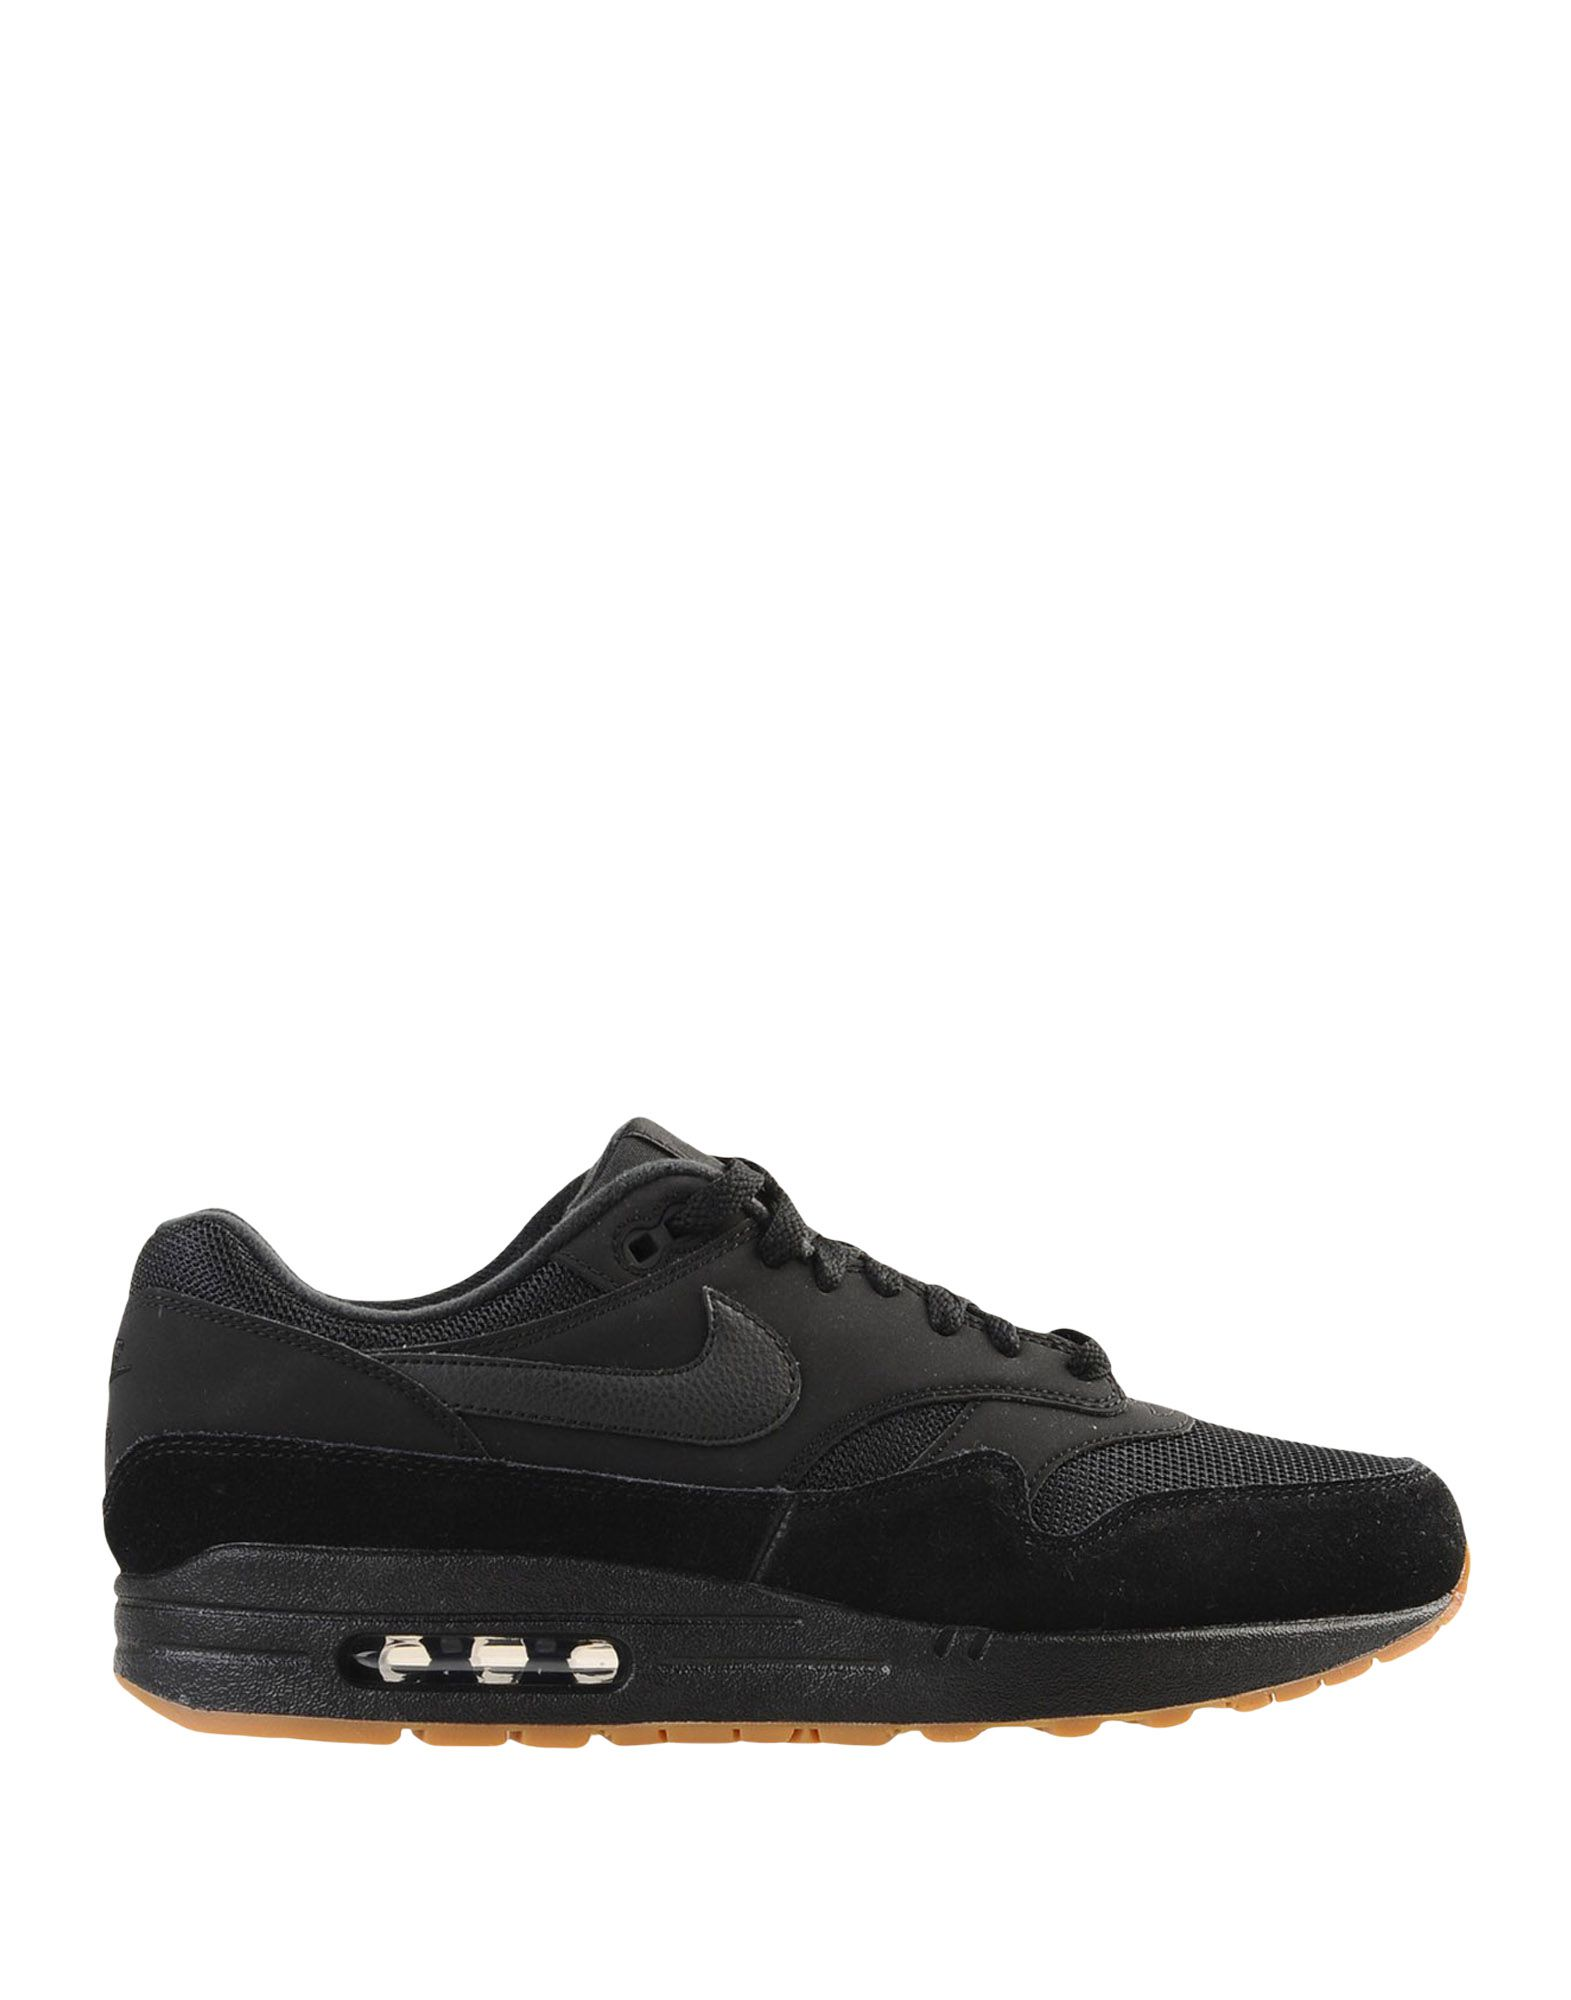 Zapatillas Nike   Air Air  Max 1 - Hombre - Zapatillas Nike  Negro e2dff6